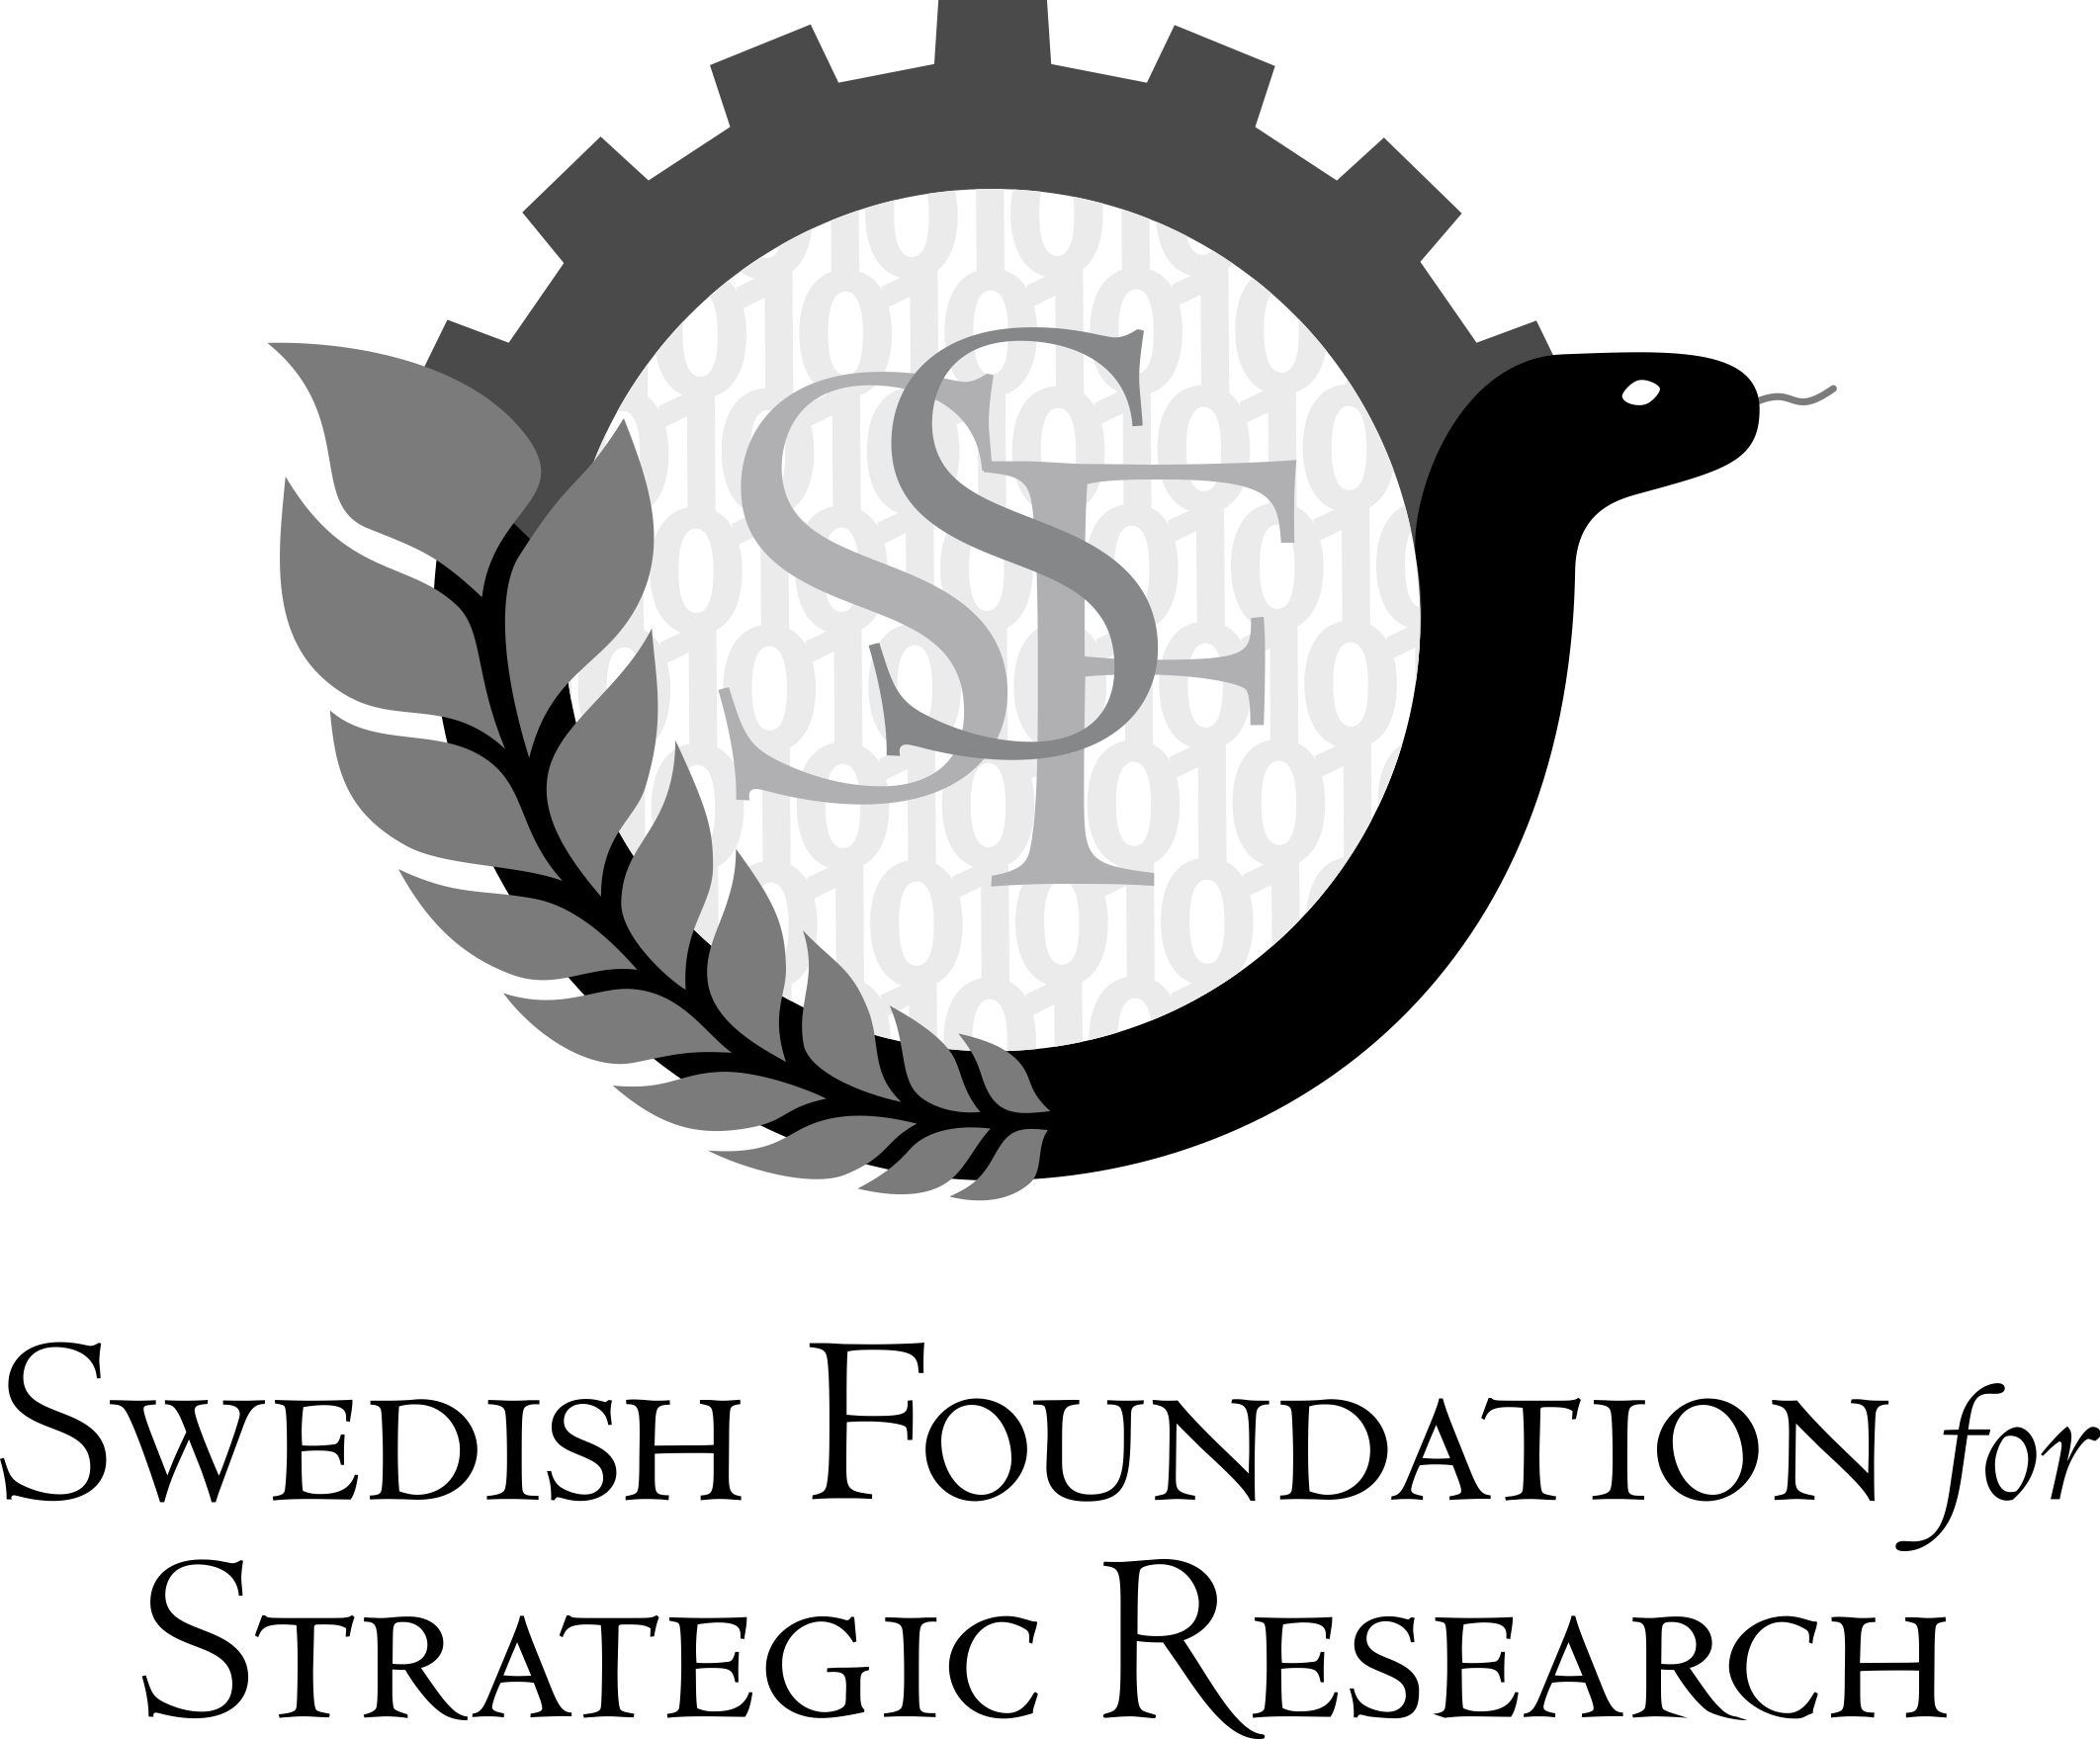 Swedish Foundation for Strategic Research / Stiftelsen för Strategisk Forskning